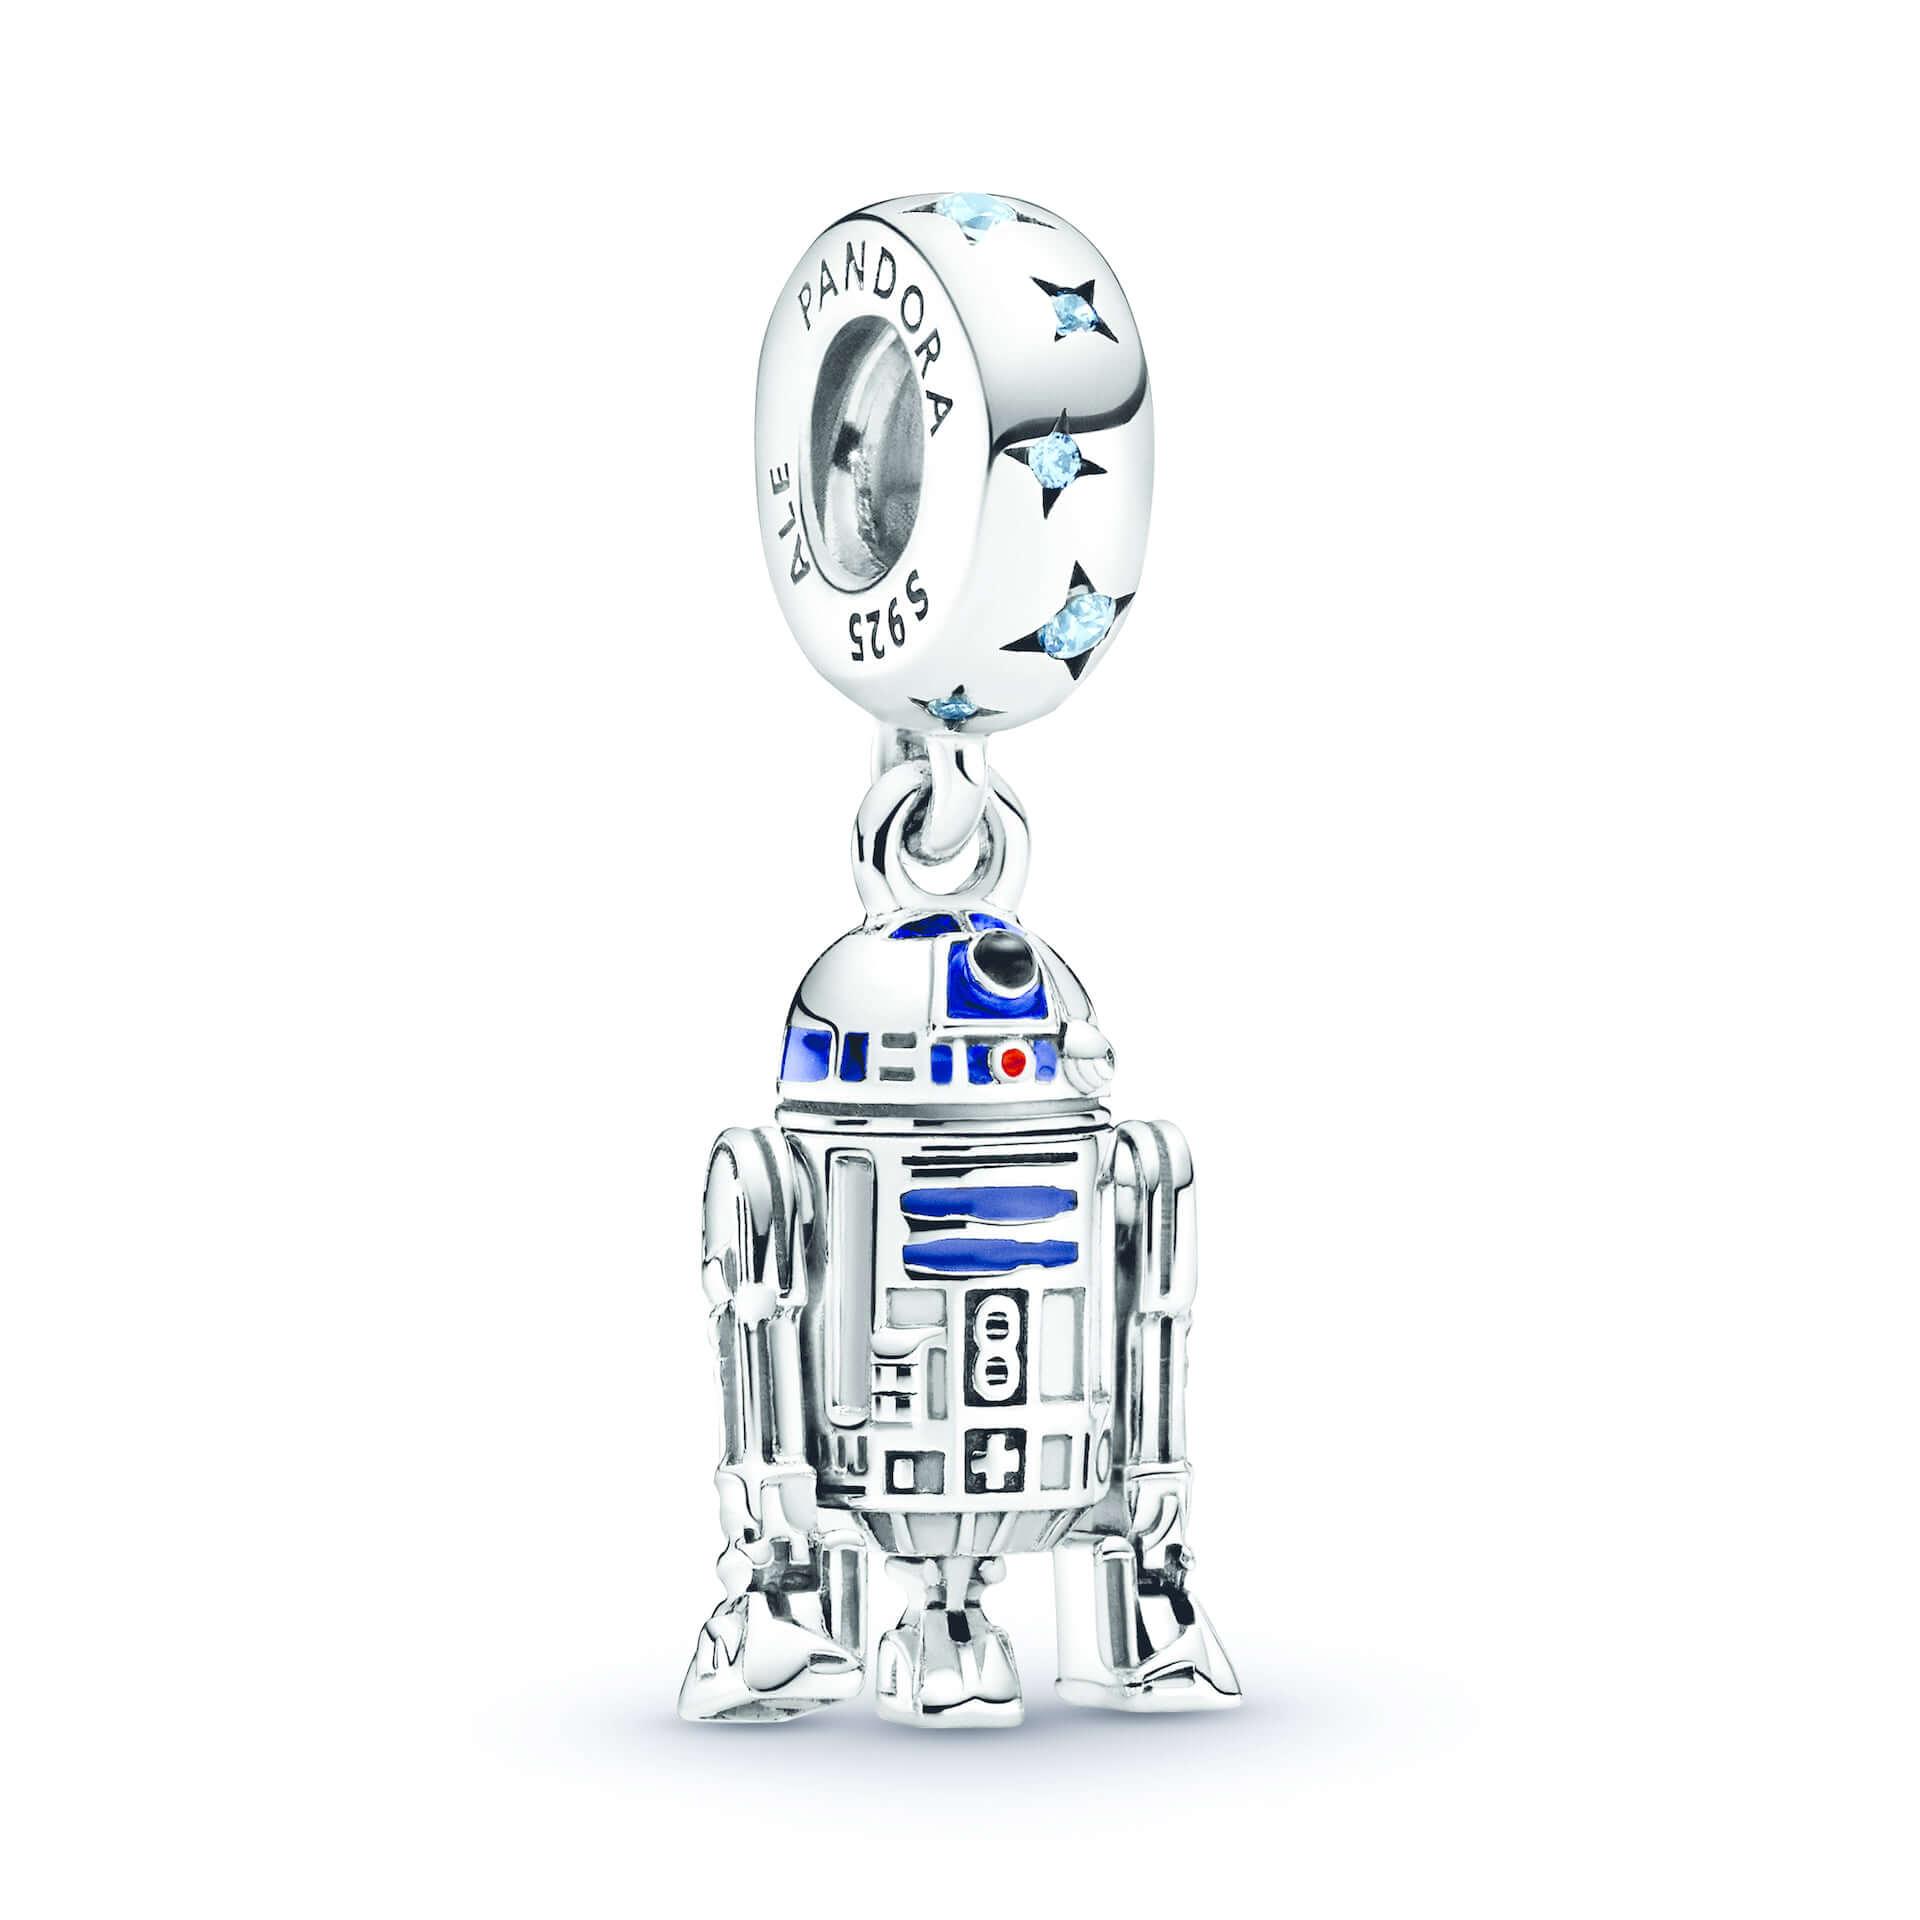 『スター・ウォーズ』シリーズのC-3POやザ・チャイルドがジュエリーに!リサイクル素材を用いた新コレクションがパンドラにて発売 lf201001_starwars-pandora_7-1920x1920